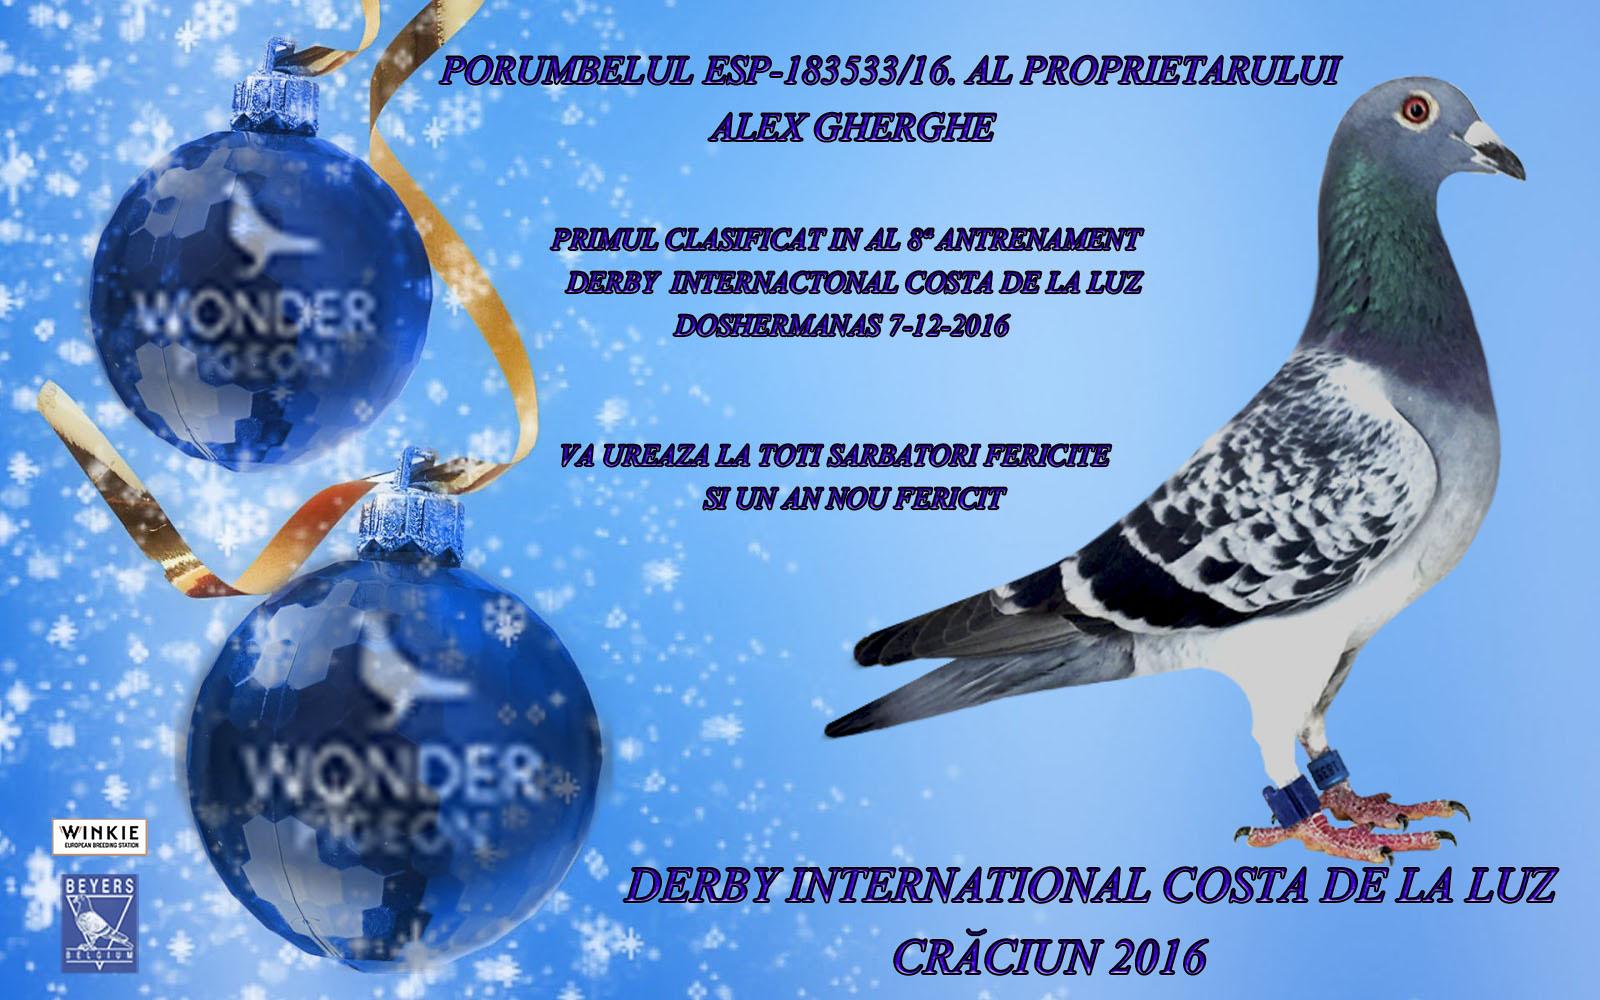 navidad-alex-wonder